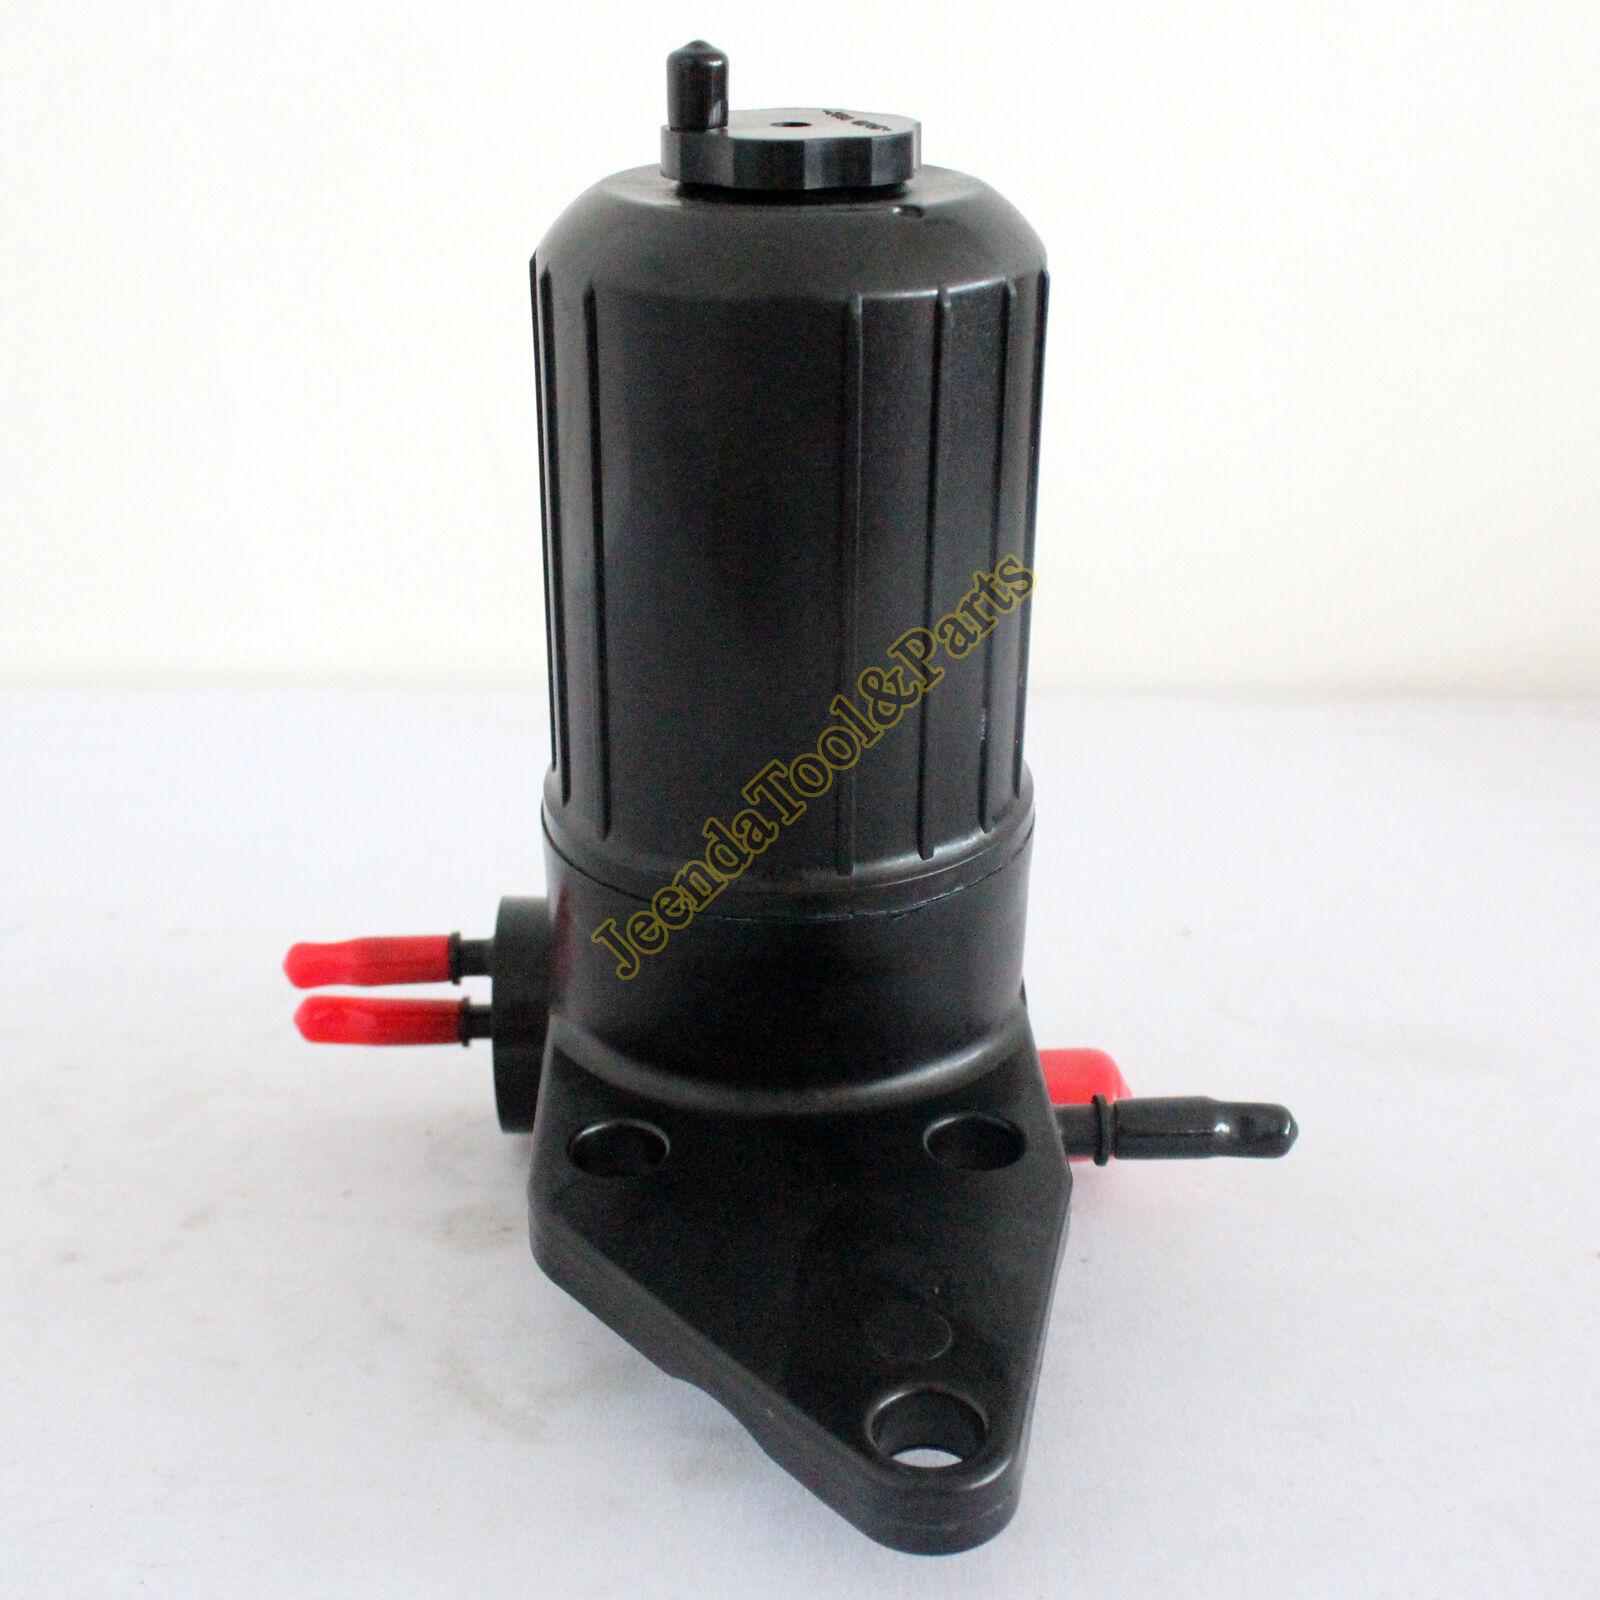 Nouveau carburant diesel pompe à huile Séparateur d/'eau ULPK 0039 4132A016 pour Perkins